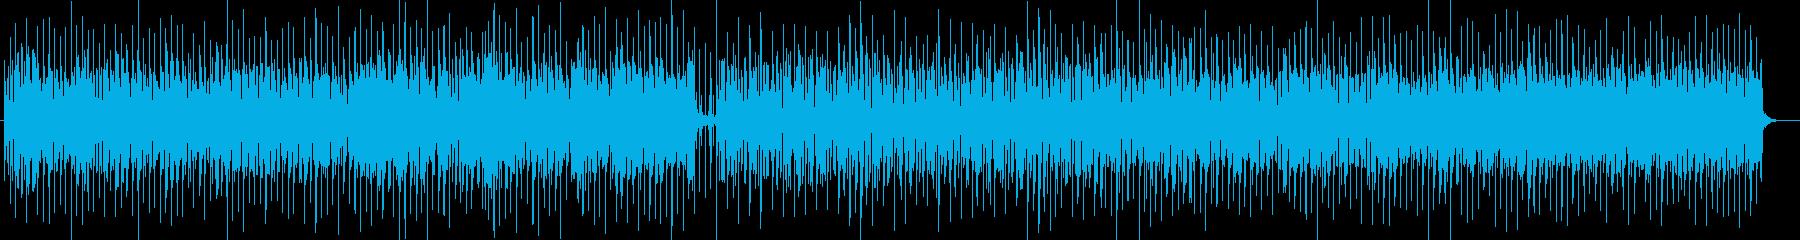 陽気なボサノヴァ調シンセサイザーサウンドの再生済みの波形